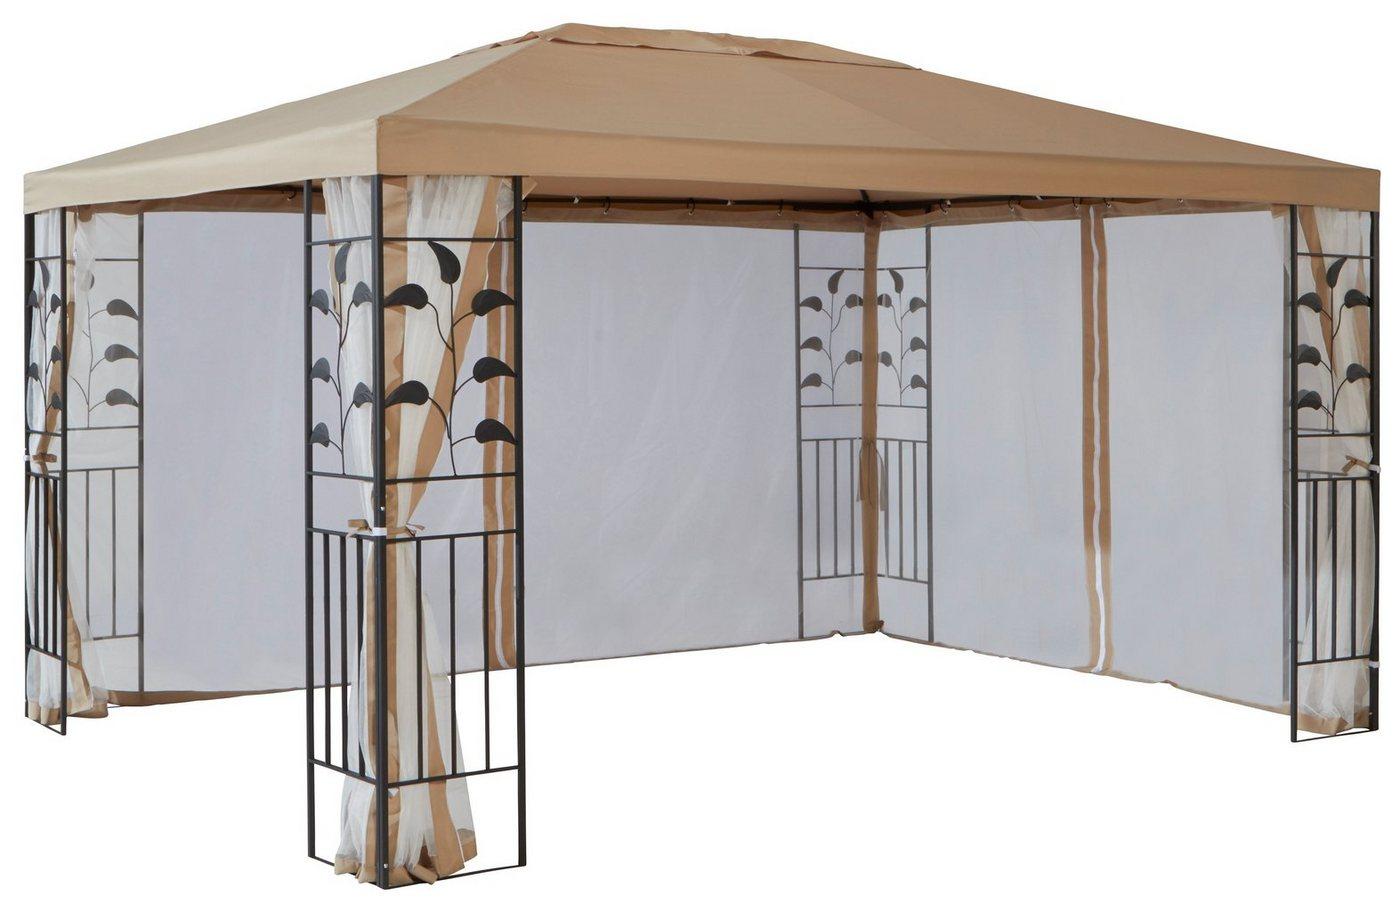 Moskitonetze Für Pavillon  Preisvergleiche, Erfahrungsberichte und